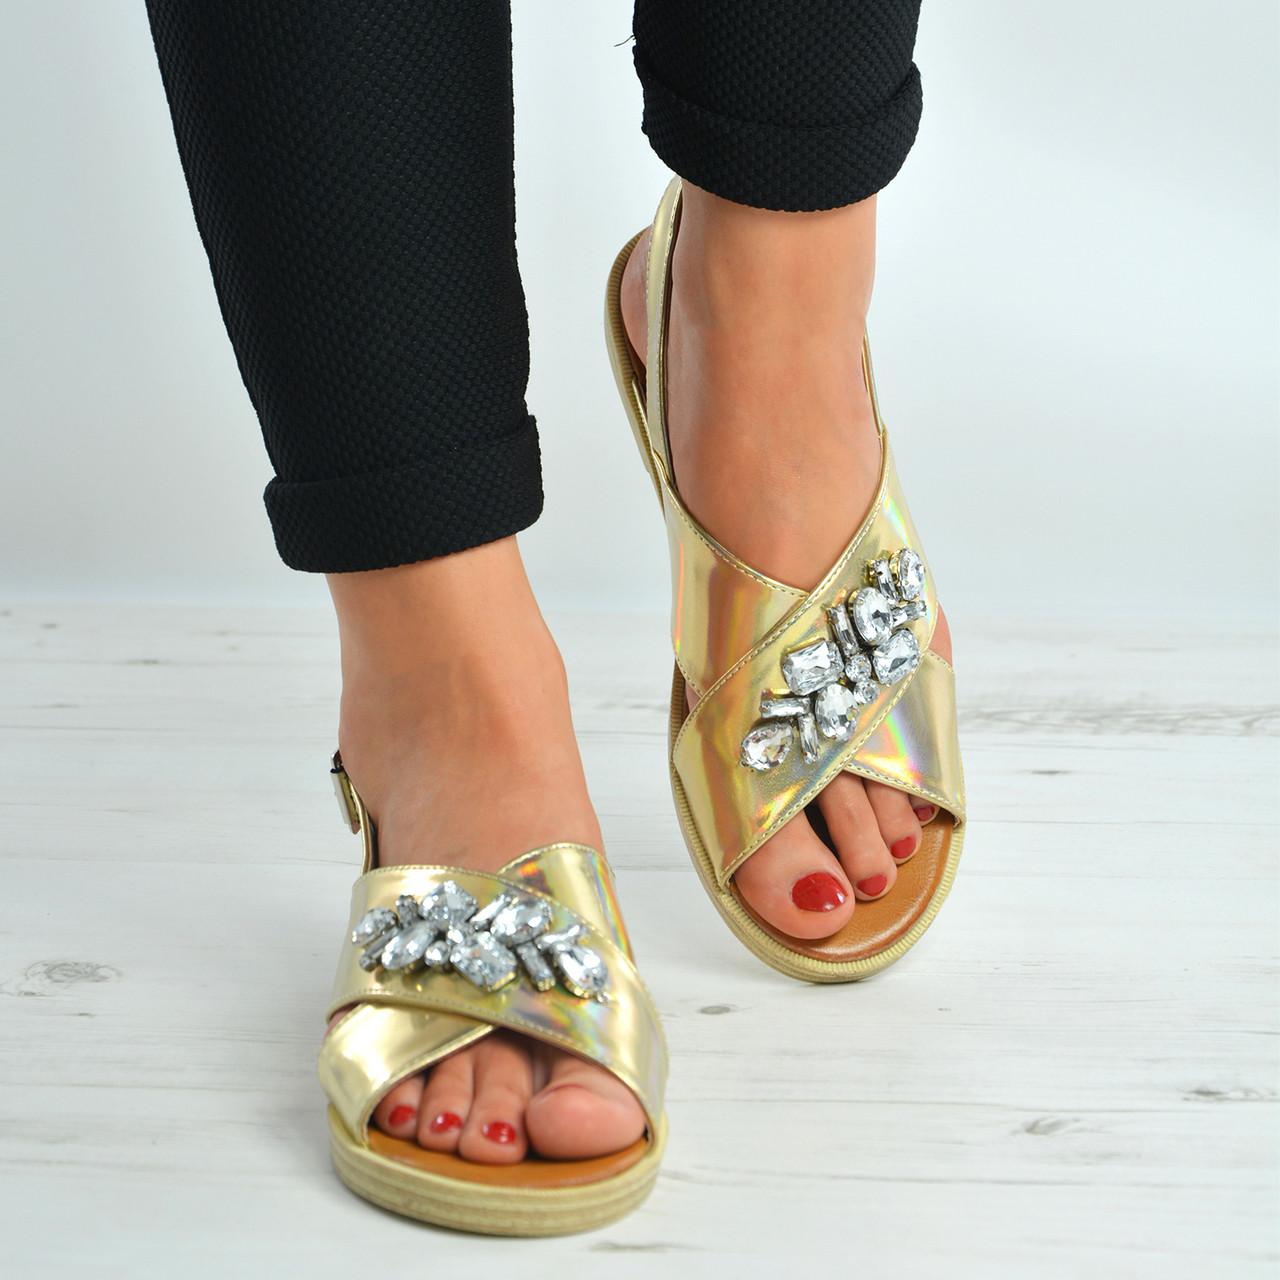 48cc6d3001e Gold Diamante Flat Sandals Shoes Size Uk 3-8